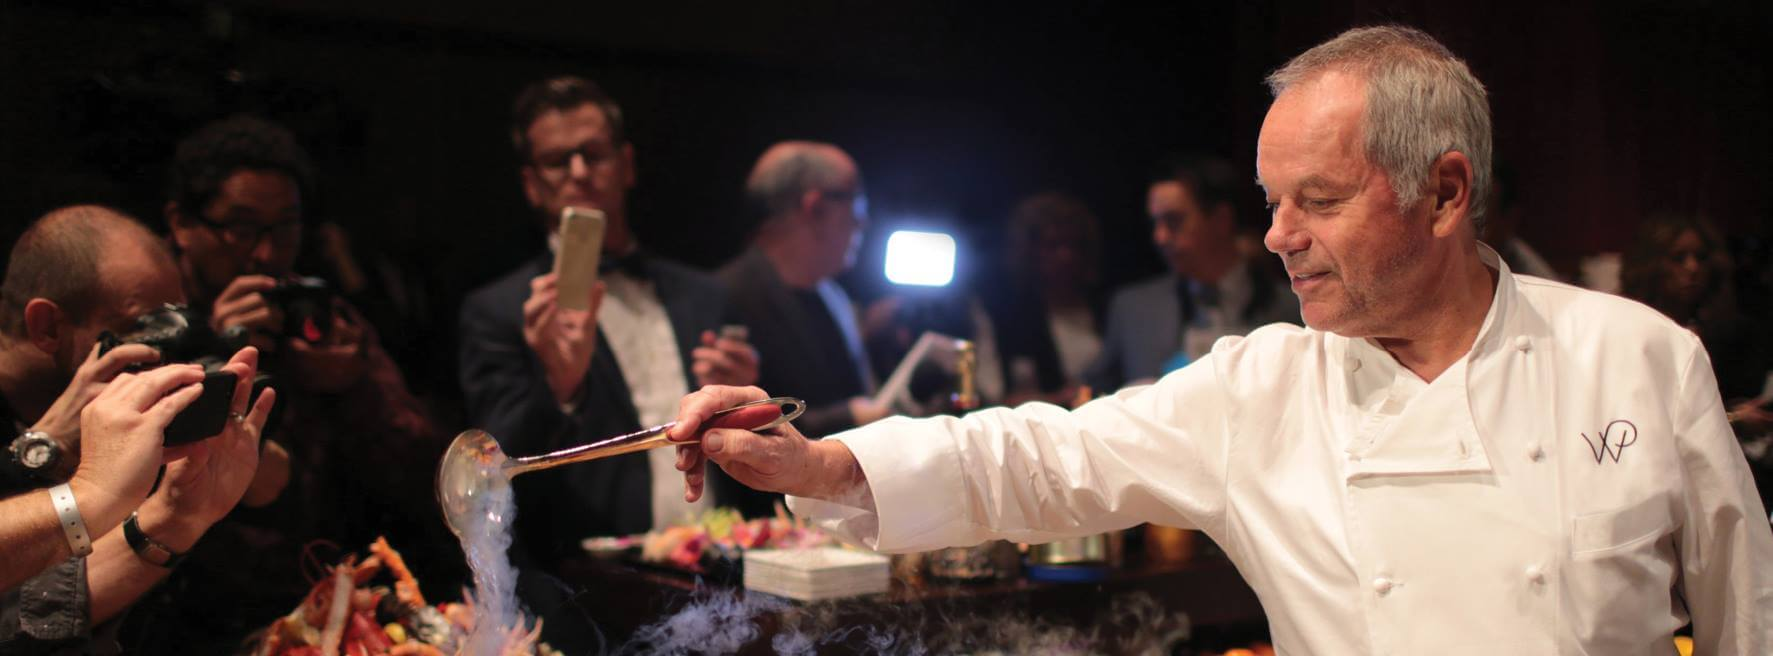 Вольфанг Пак озвучил меню для вечеринки в честь Оскара-2017